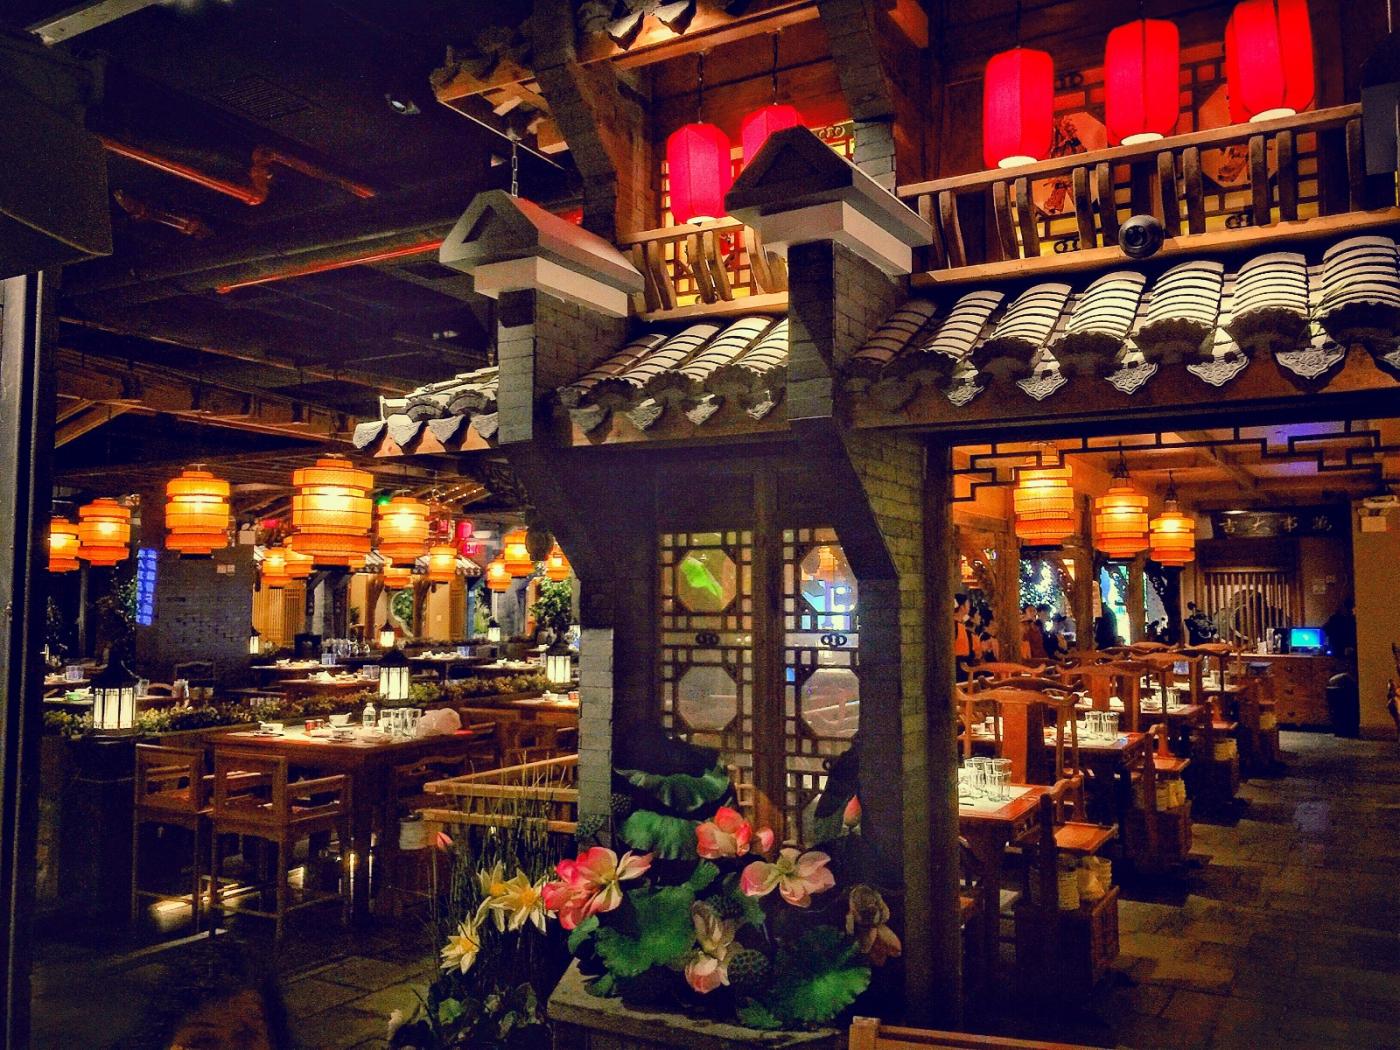 【盲流摄影】纽约法拉盛的中餐馆品味在提升-手机摄影_图1-21